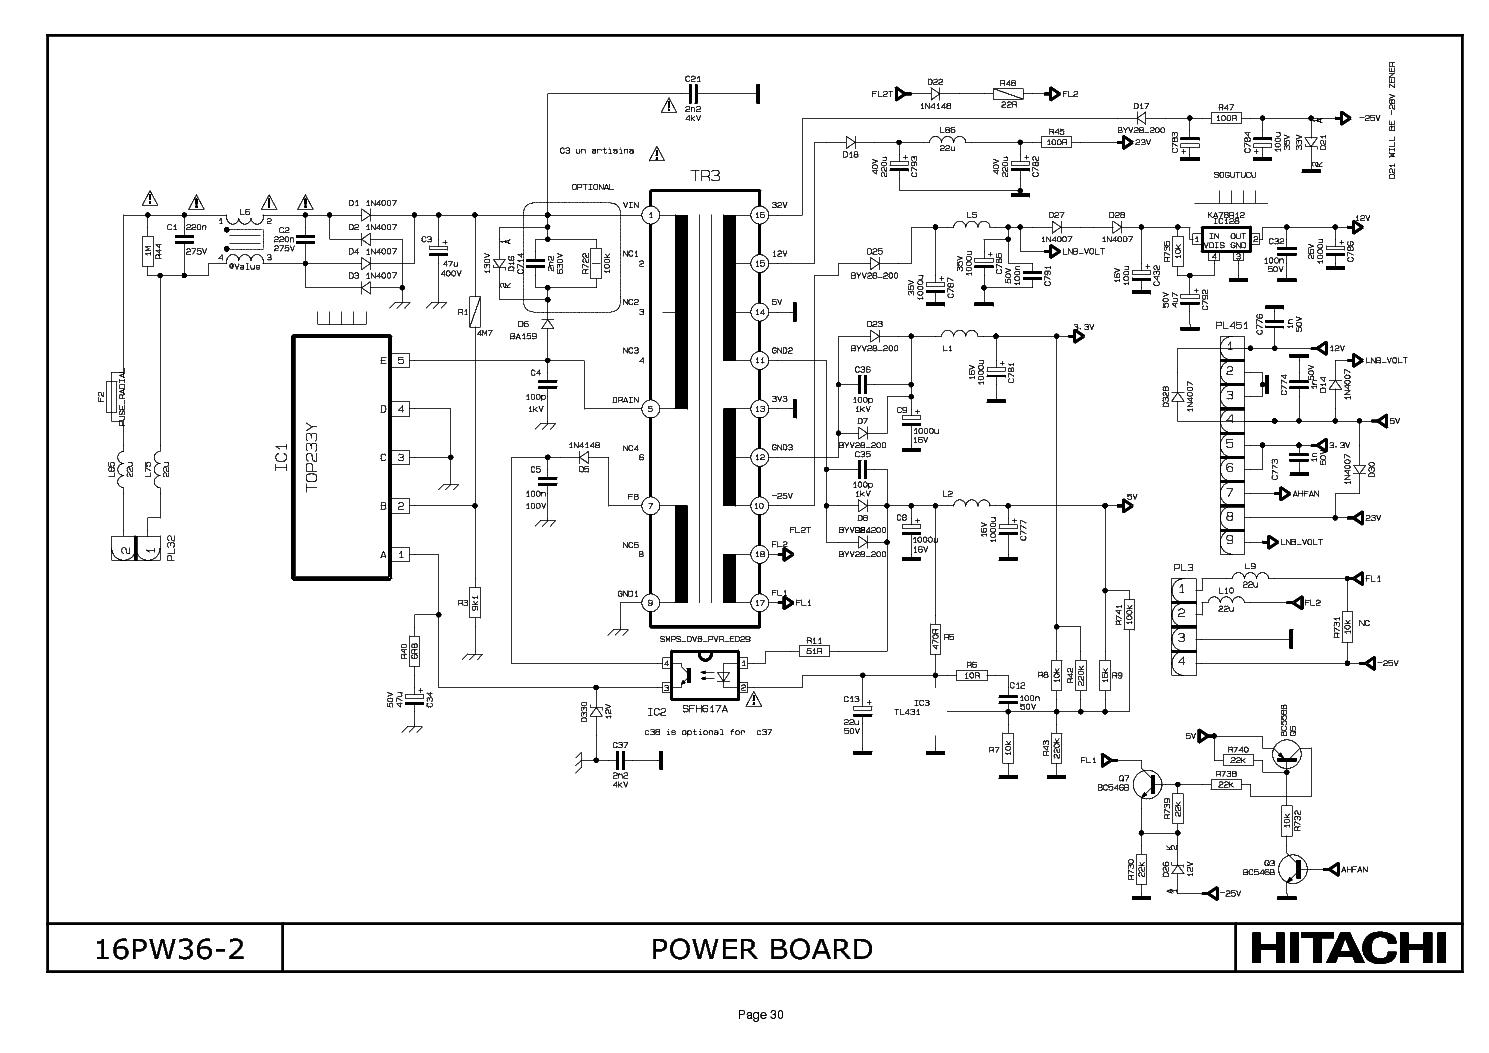 hitachi cl2864ta power